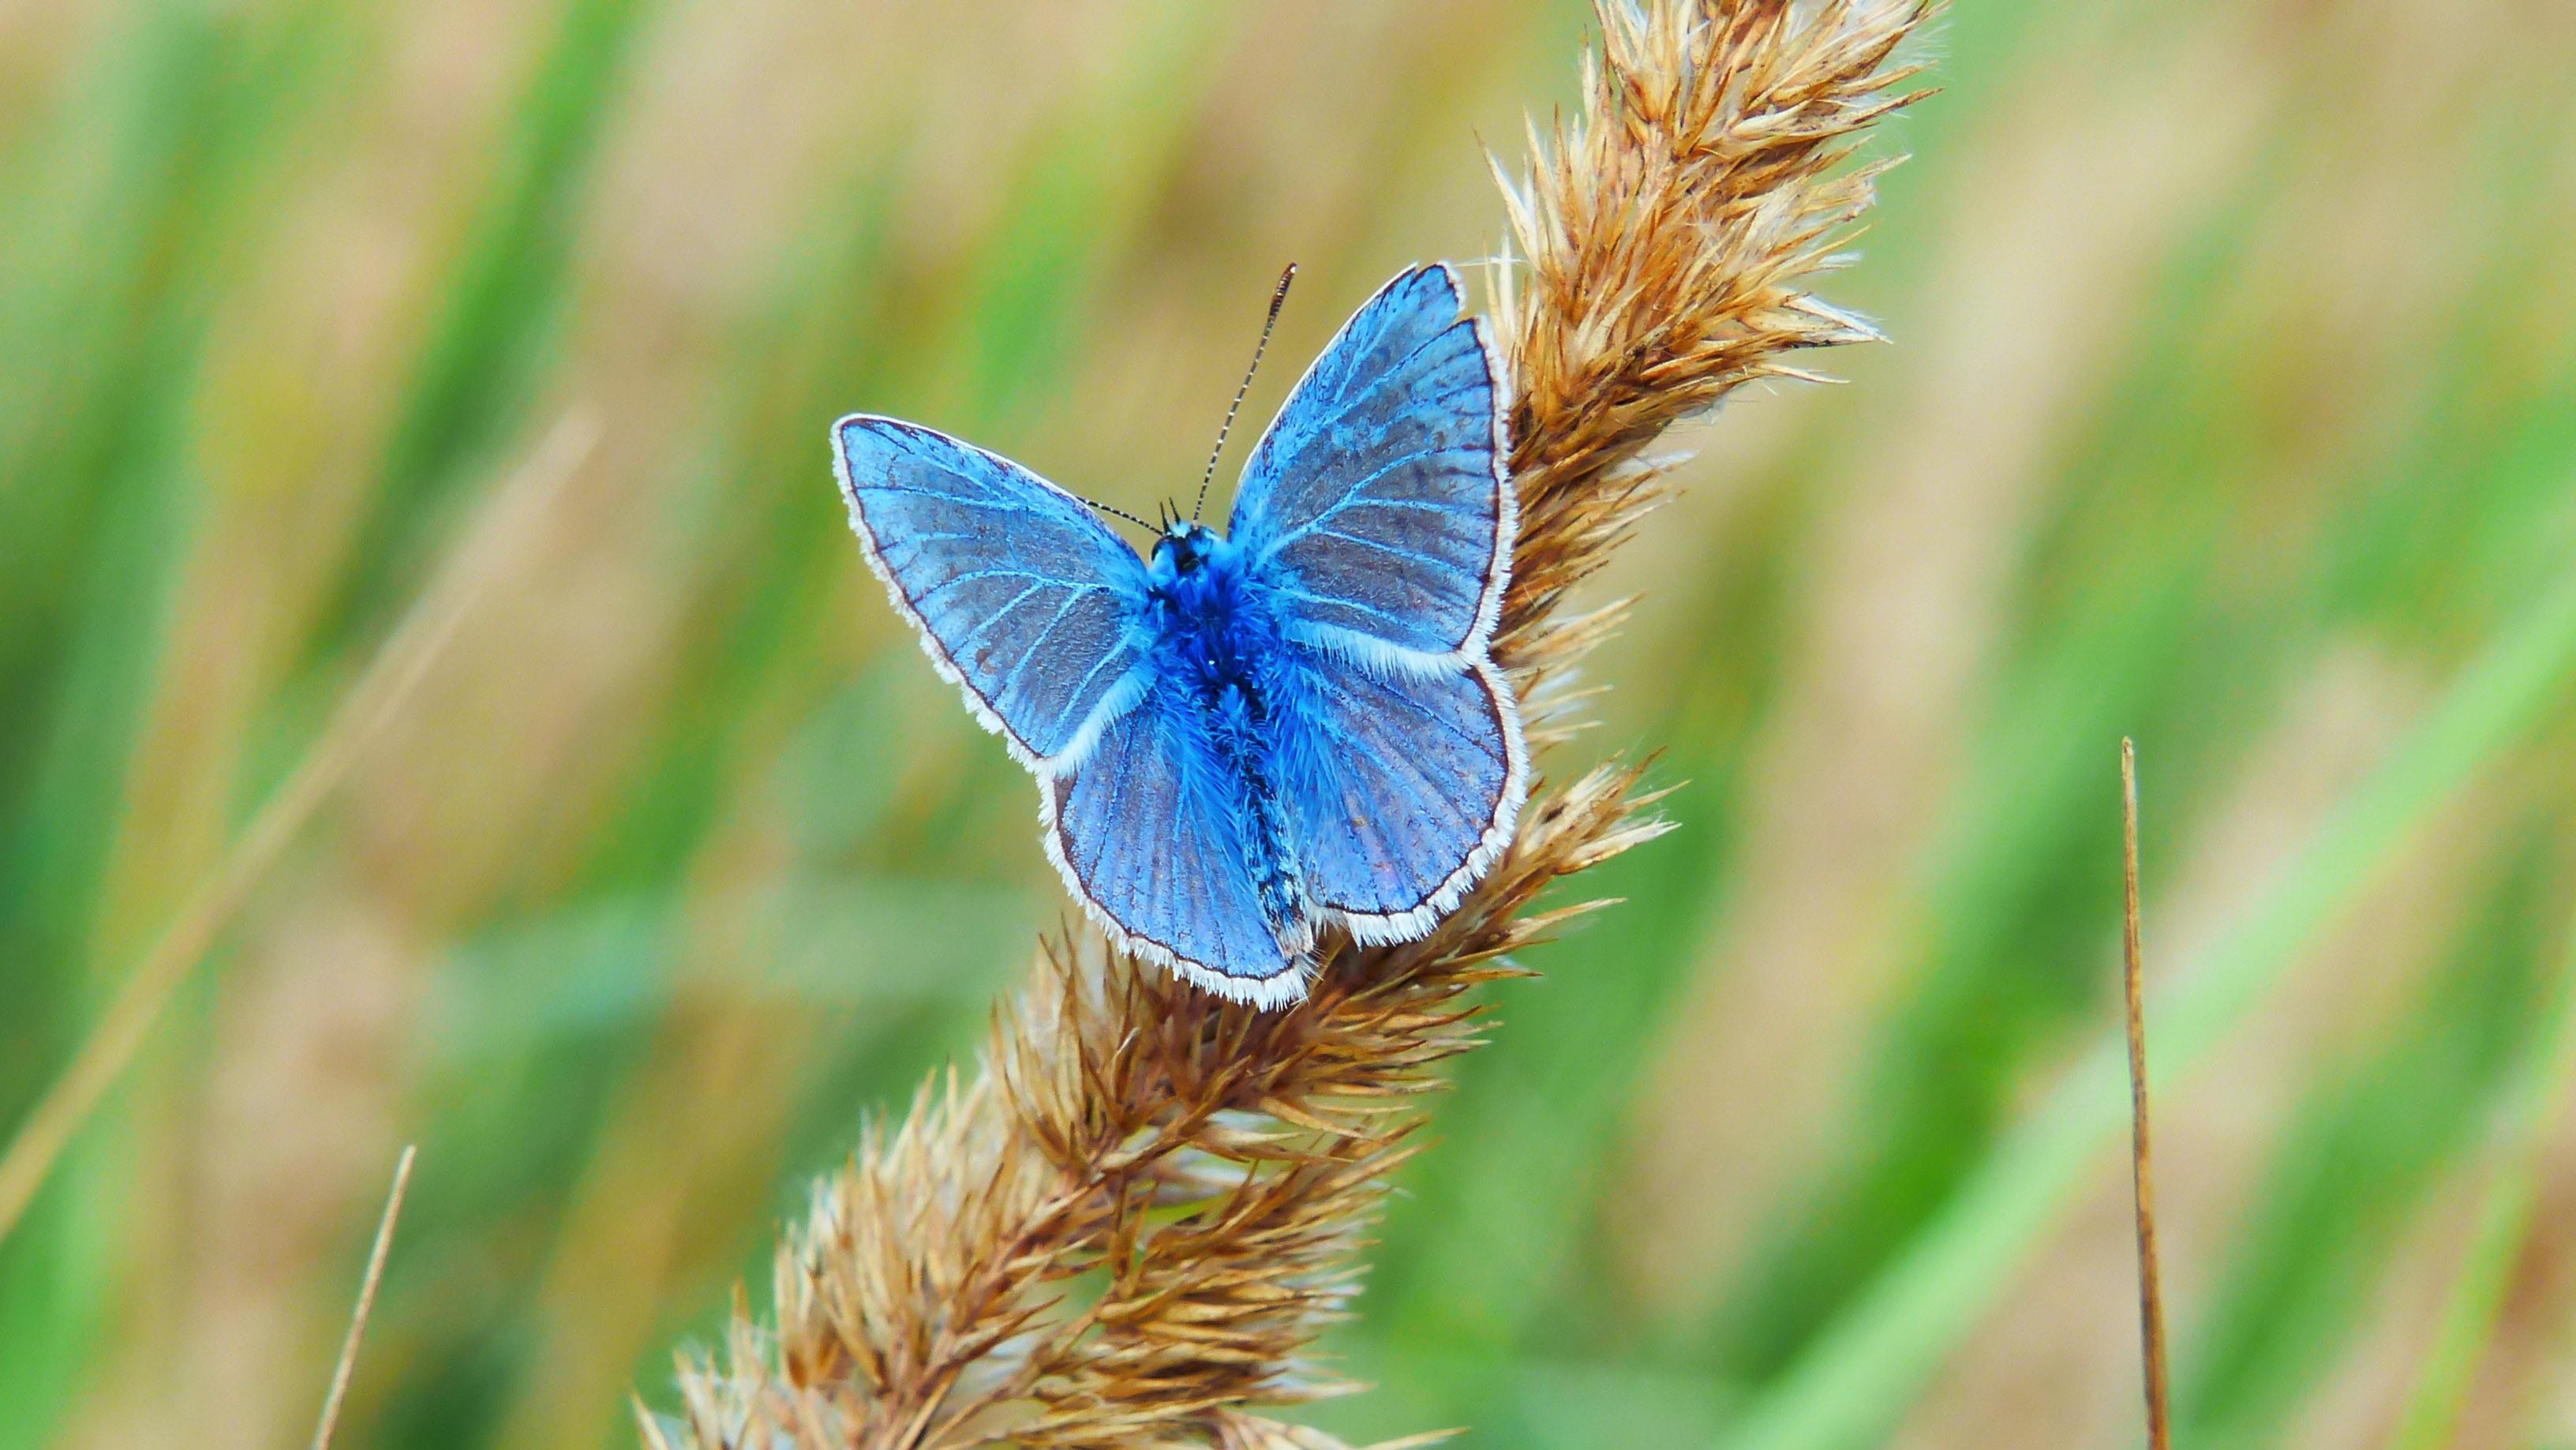 butterfly - krzysztof-niewolny-773352-unsplash